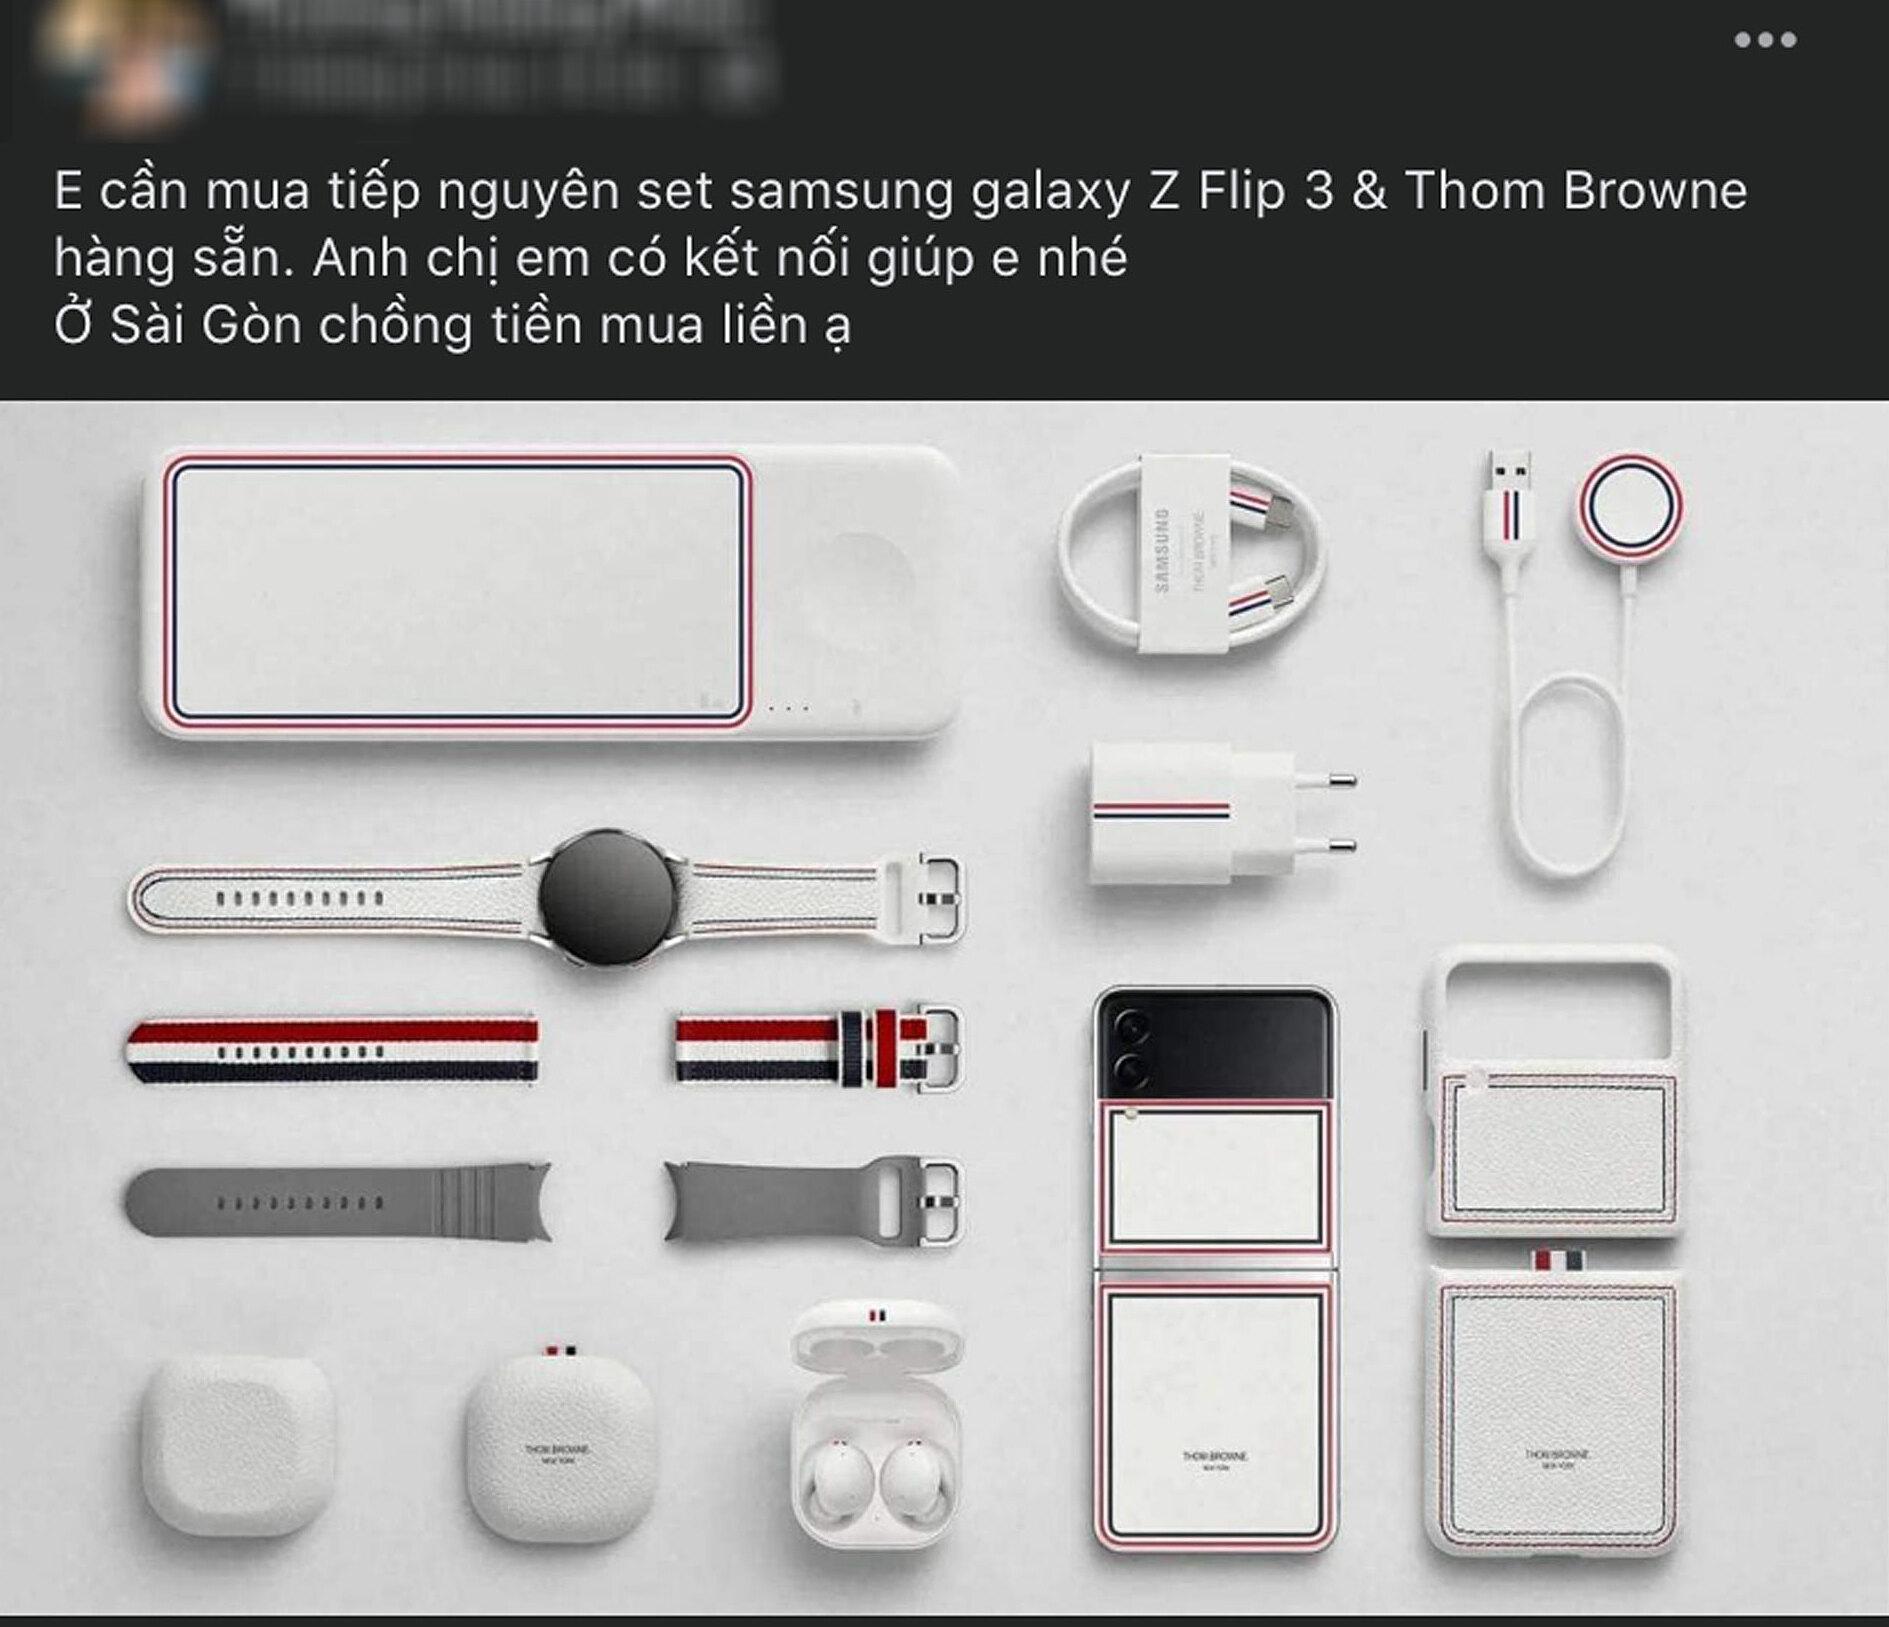 Nhu cầu tìm mua phiên bản đặc biệt của Samsung Galaxy Z Thome Browne lớn khiến giá của sản phẩm bị đội lên cao bất thường.